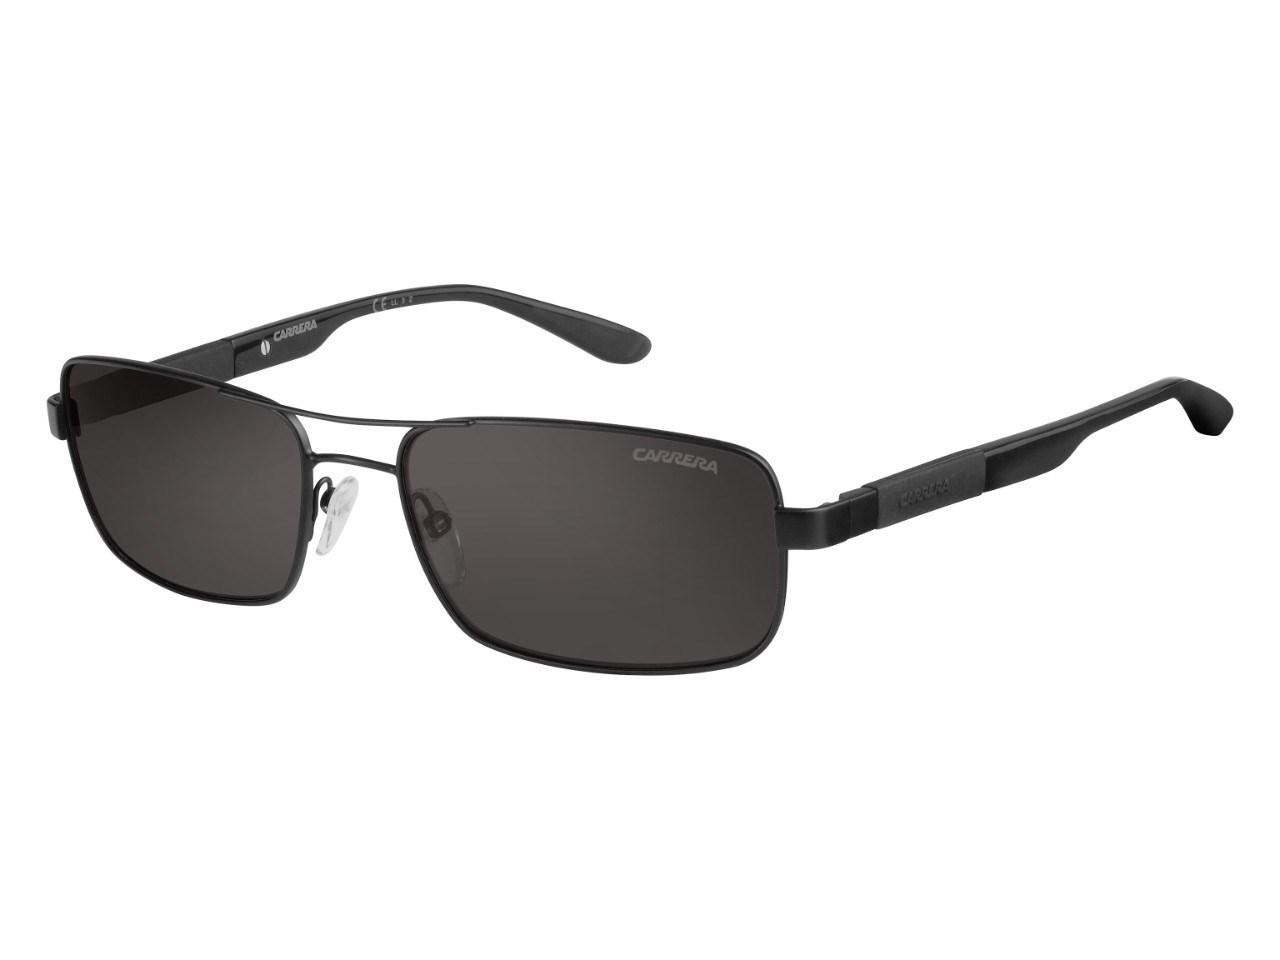 Gafas de hombre carrera 8018-s-10g-m9